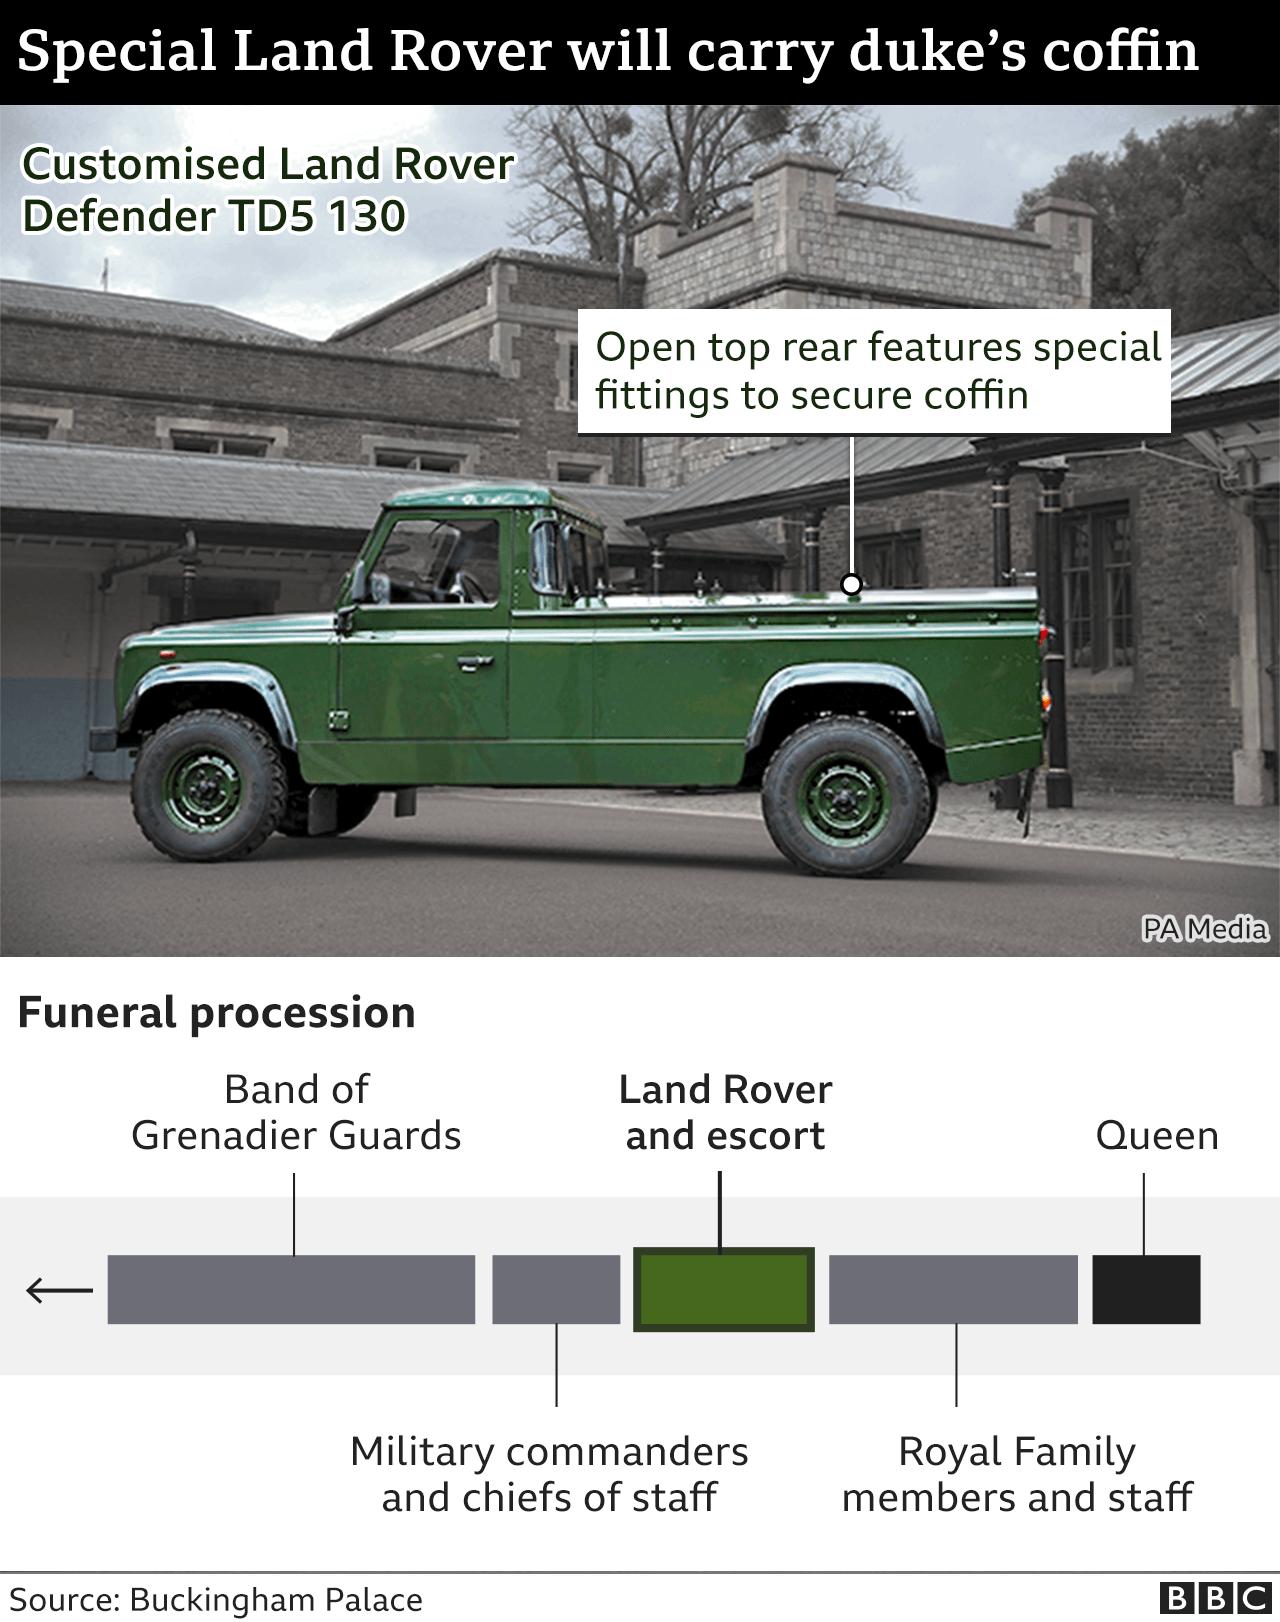 Die Reihenfolge der Prozession und des modifizierten Land Rovers, der den Sarg von Prinz Philip tragen wird.